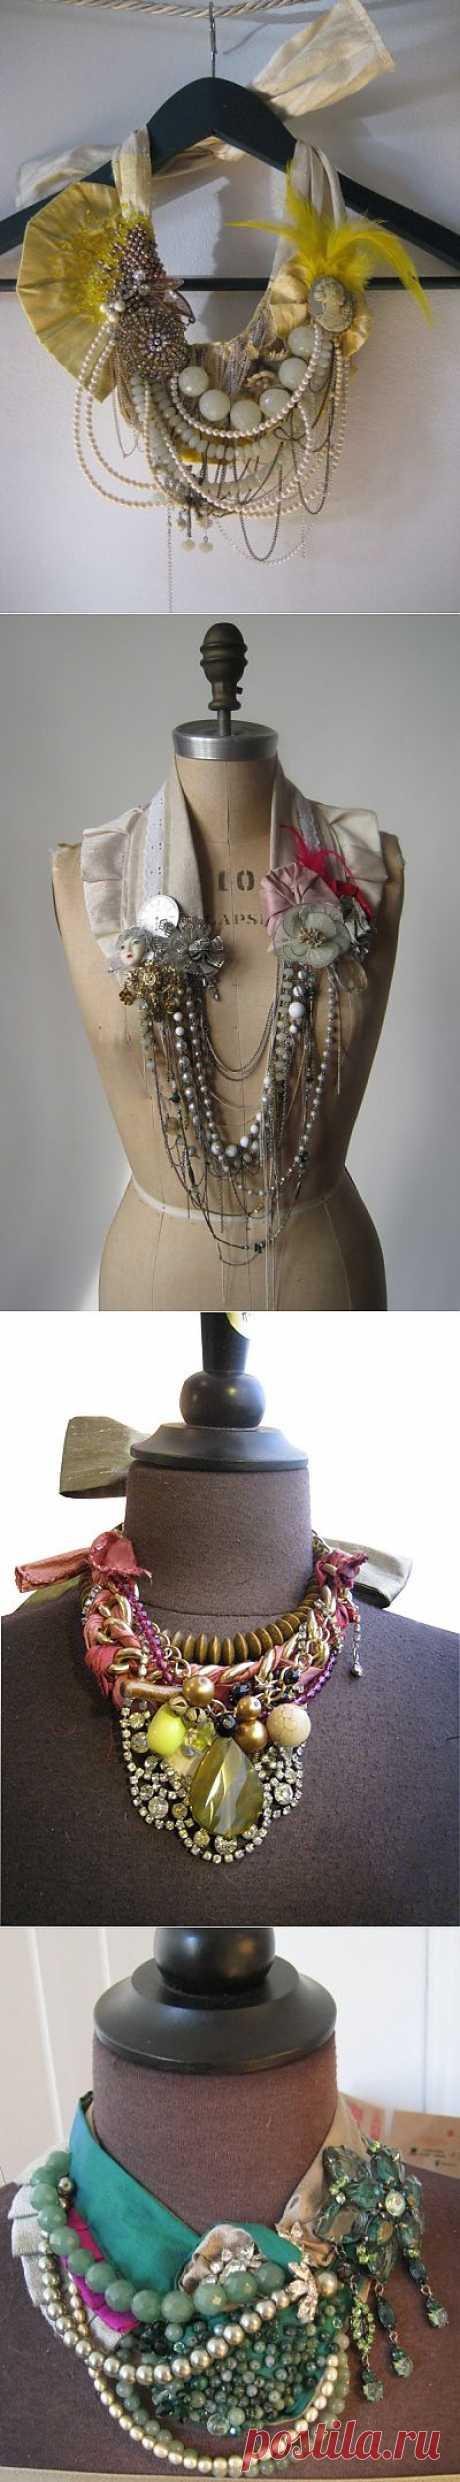 Необычные украшения Charlotte Hosten / Украшения и бижутерия / Модный сайт о стильной переделке одежды и интерьера